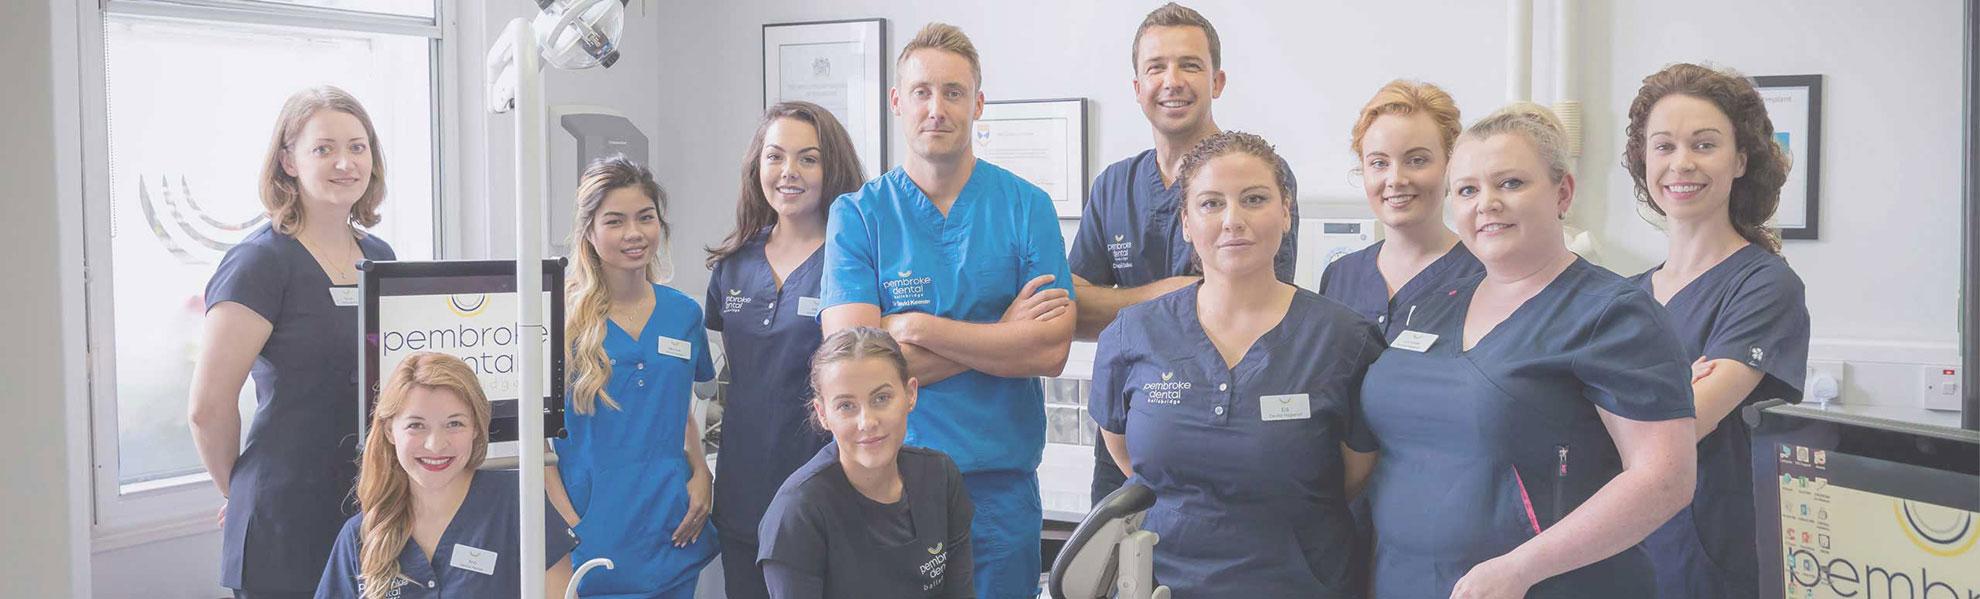 Pembroke Dental Ballsbridge